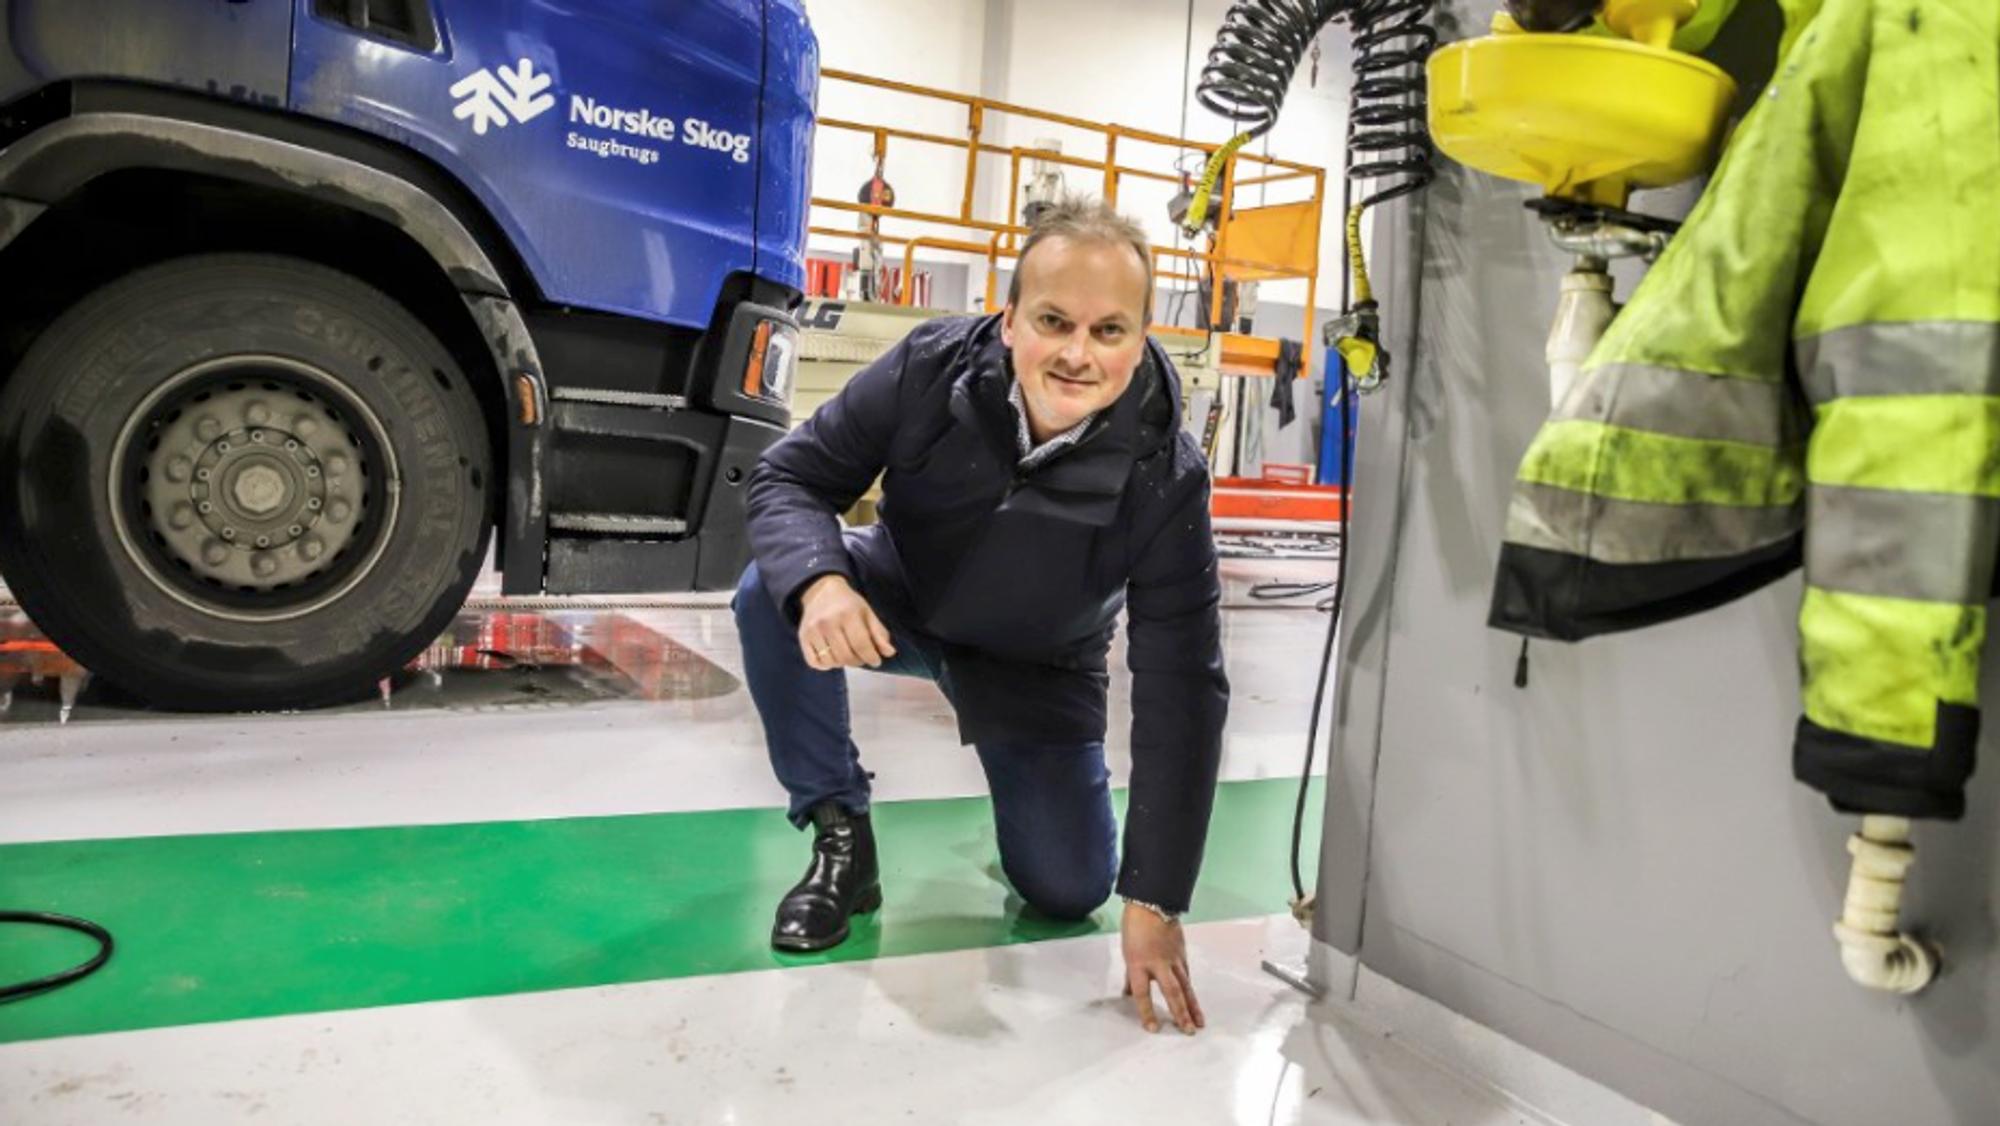 Direktør i Norske Skog Saugbrugs, Hugo Harstad, mener det viktigste resultatet av teknologiutviklingen er den helsemessige effekten for de som skal legge belegg på golv i næringslokaler ved at ikke trenger det usynlige finkornede støvet fumed silica.